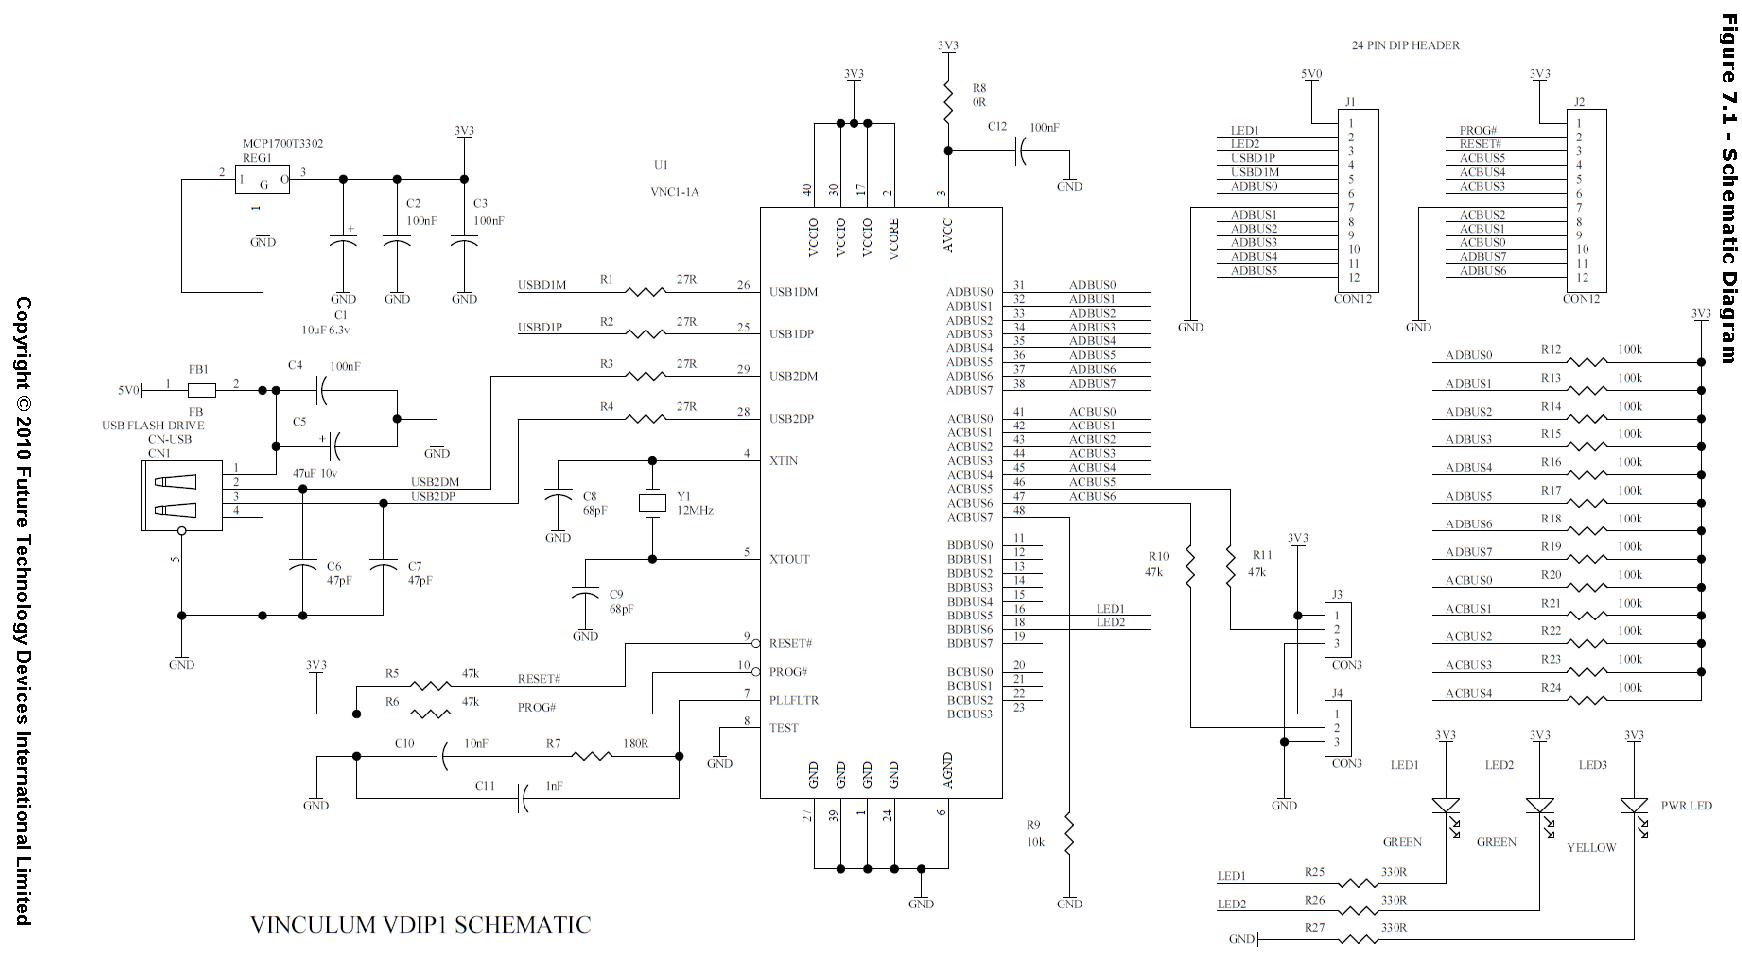 VDIP1 schematic